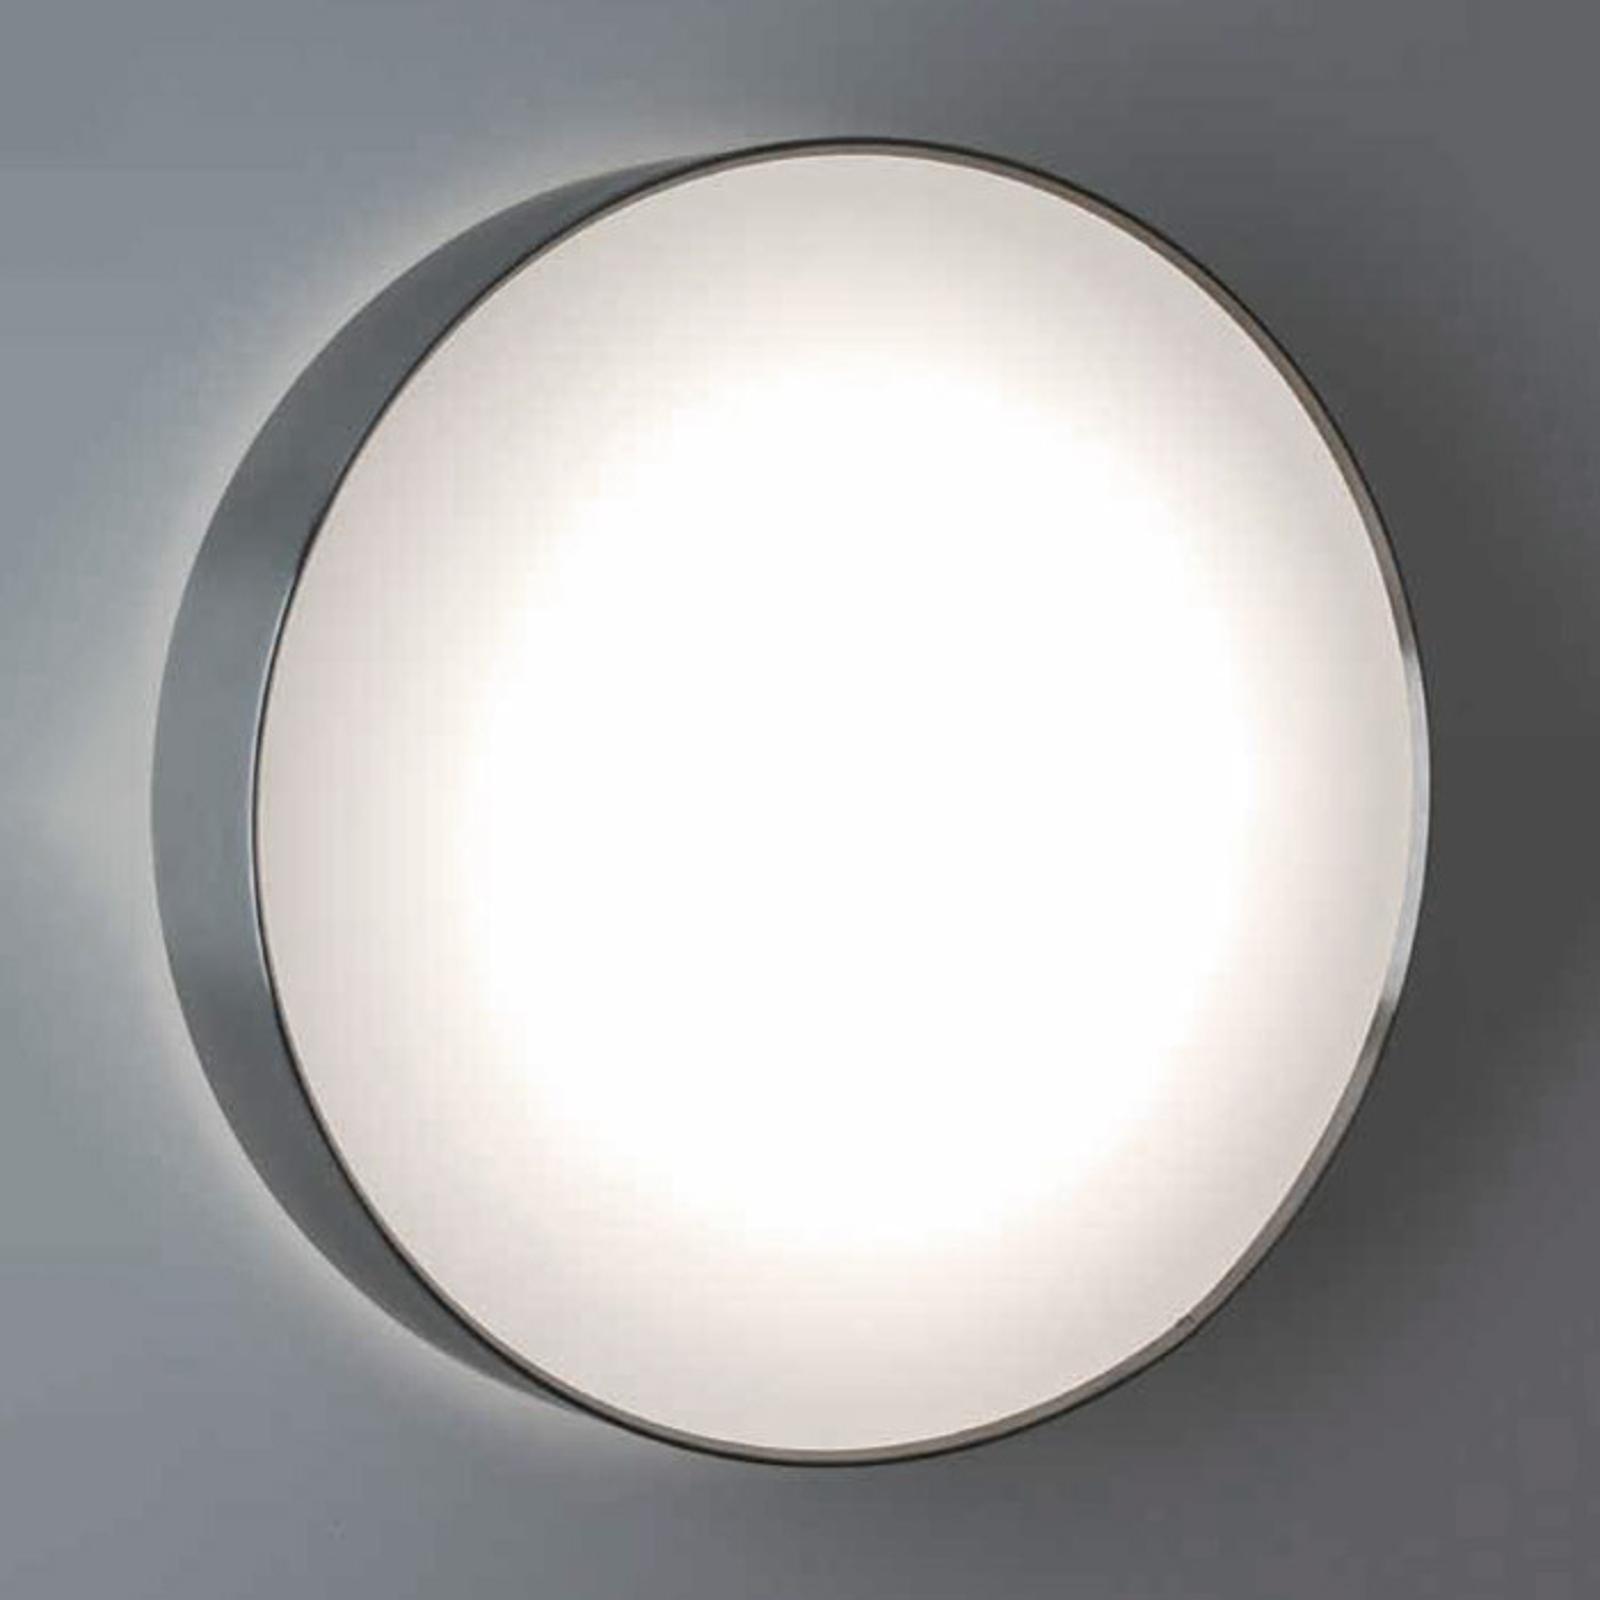 Vägglampa rostfritt stål SUN 4 LED, 8W 4K